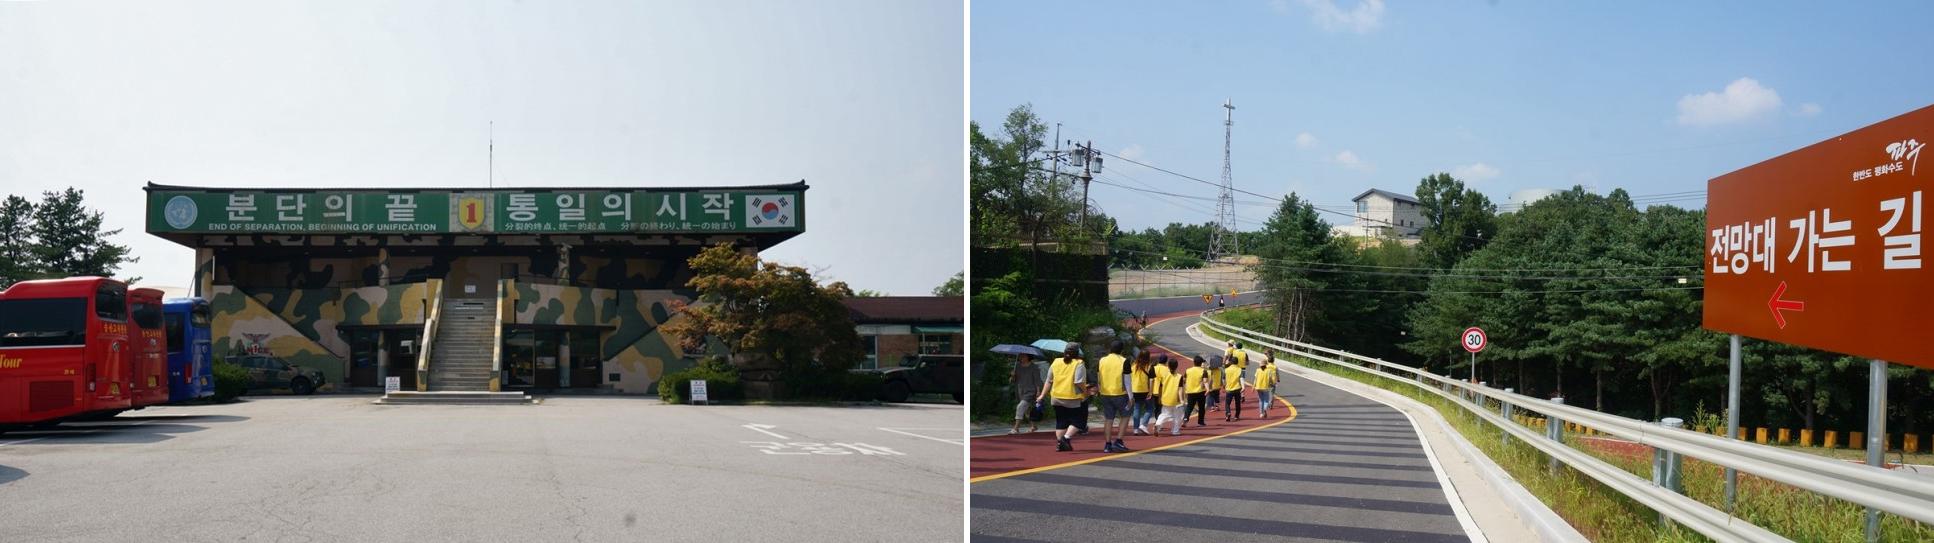 군사분계선 최북단에 평화의 바람을 느끼다! 파주 DMZ 도라전망대